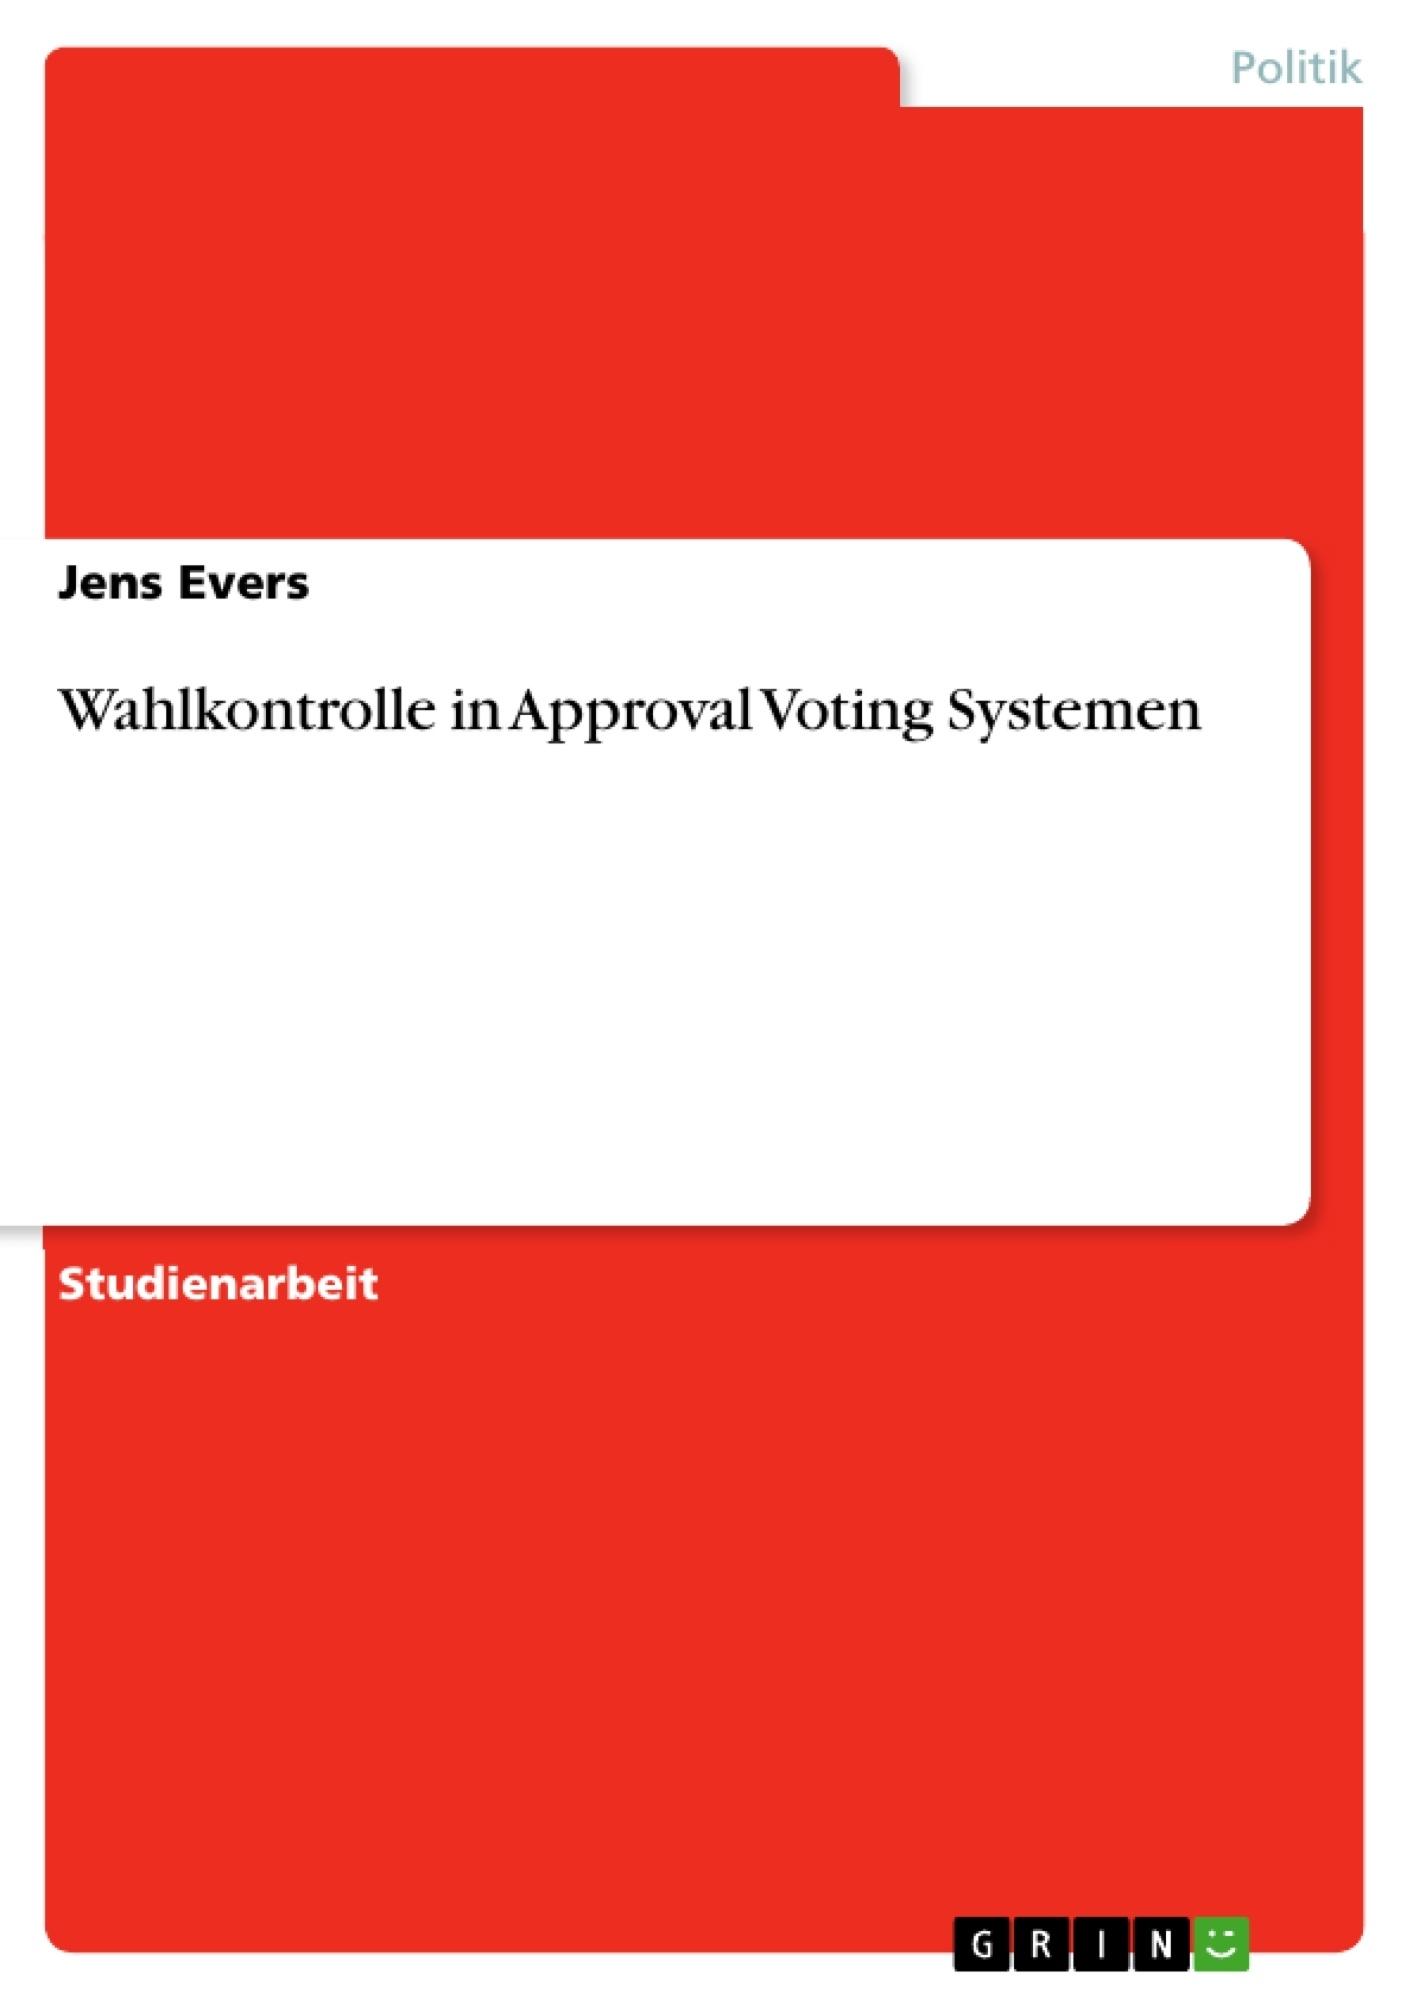 Titel: Wahlkontrolle in Approval Voting Systemen